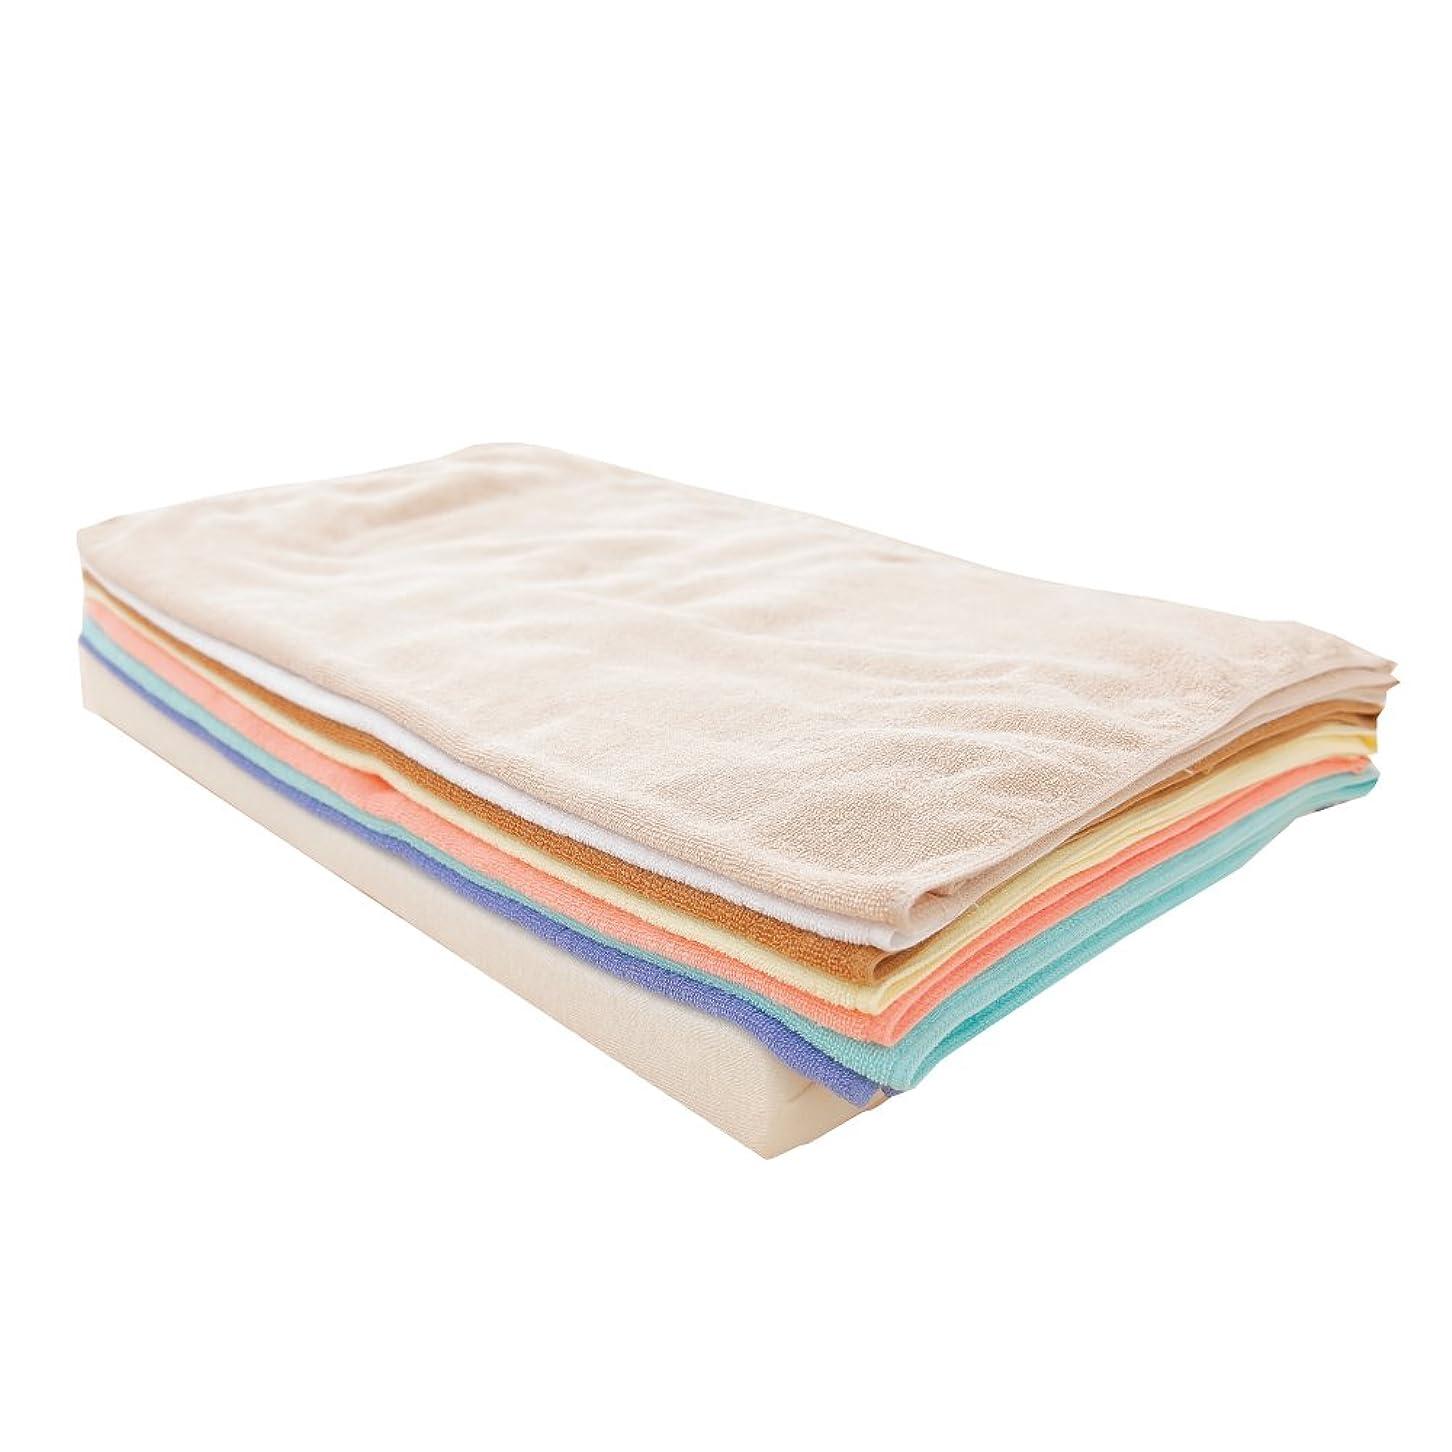 空サークル織機7バスタオルピロー タオル好き なあなたのための タオル枕 約59×36cm